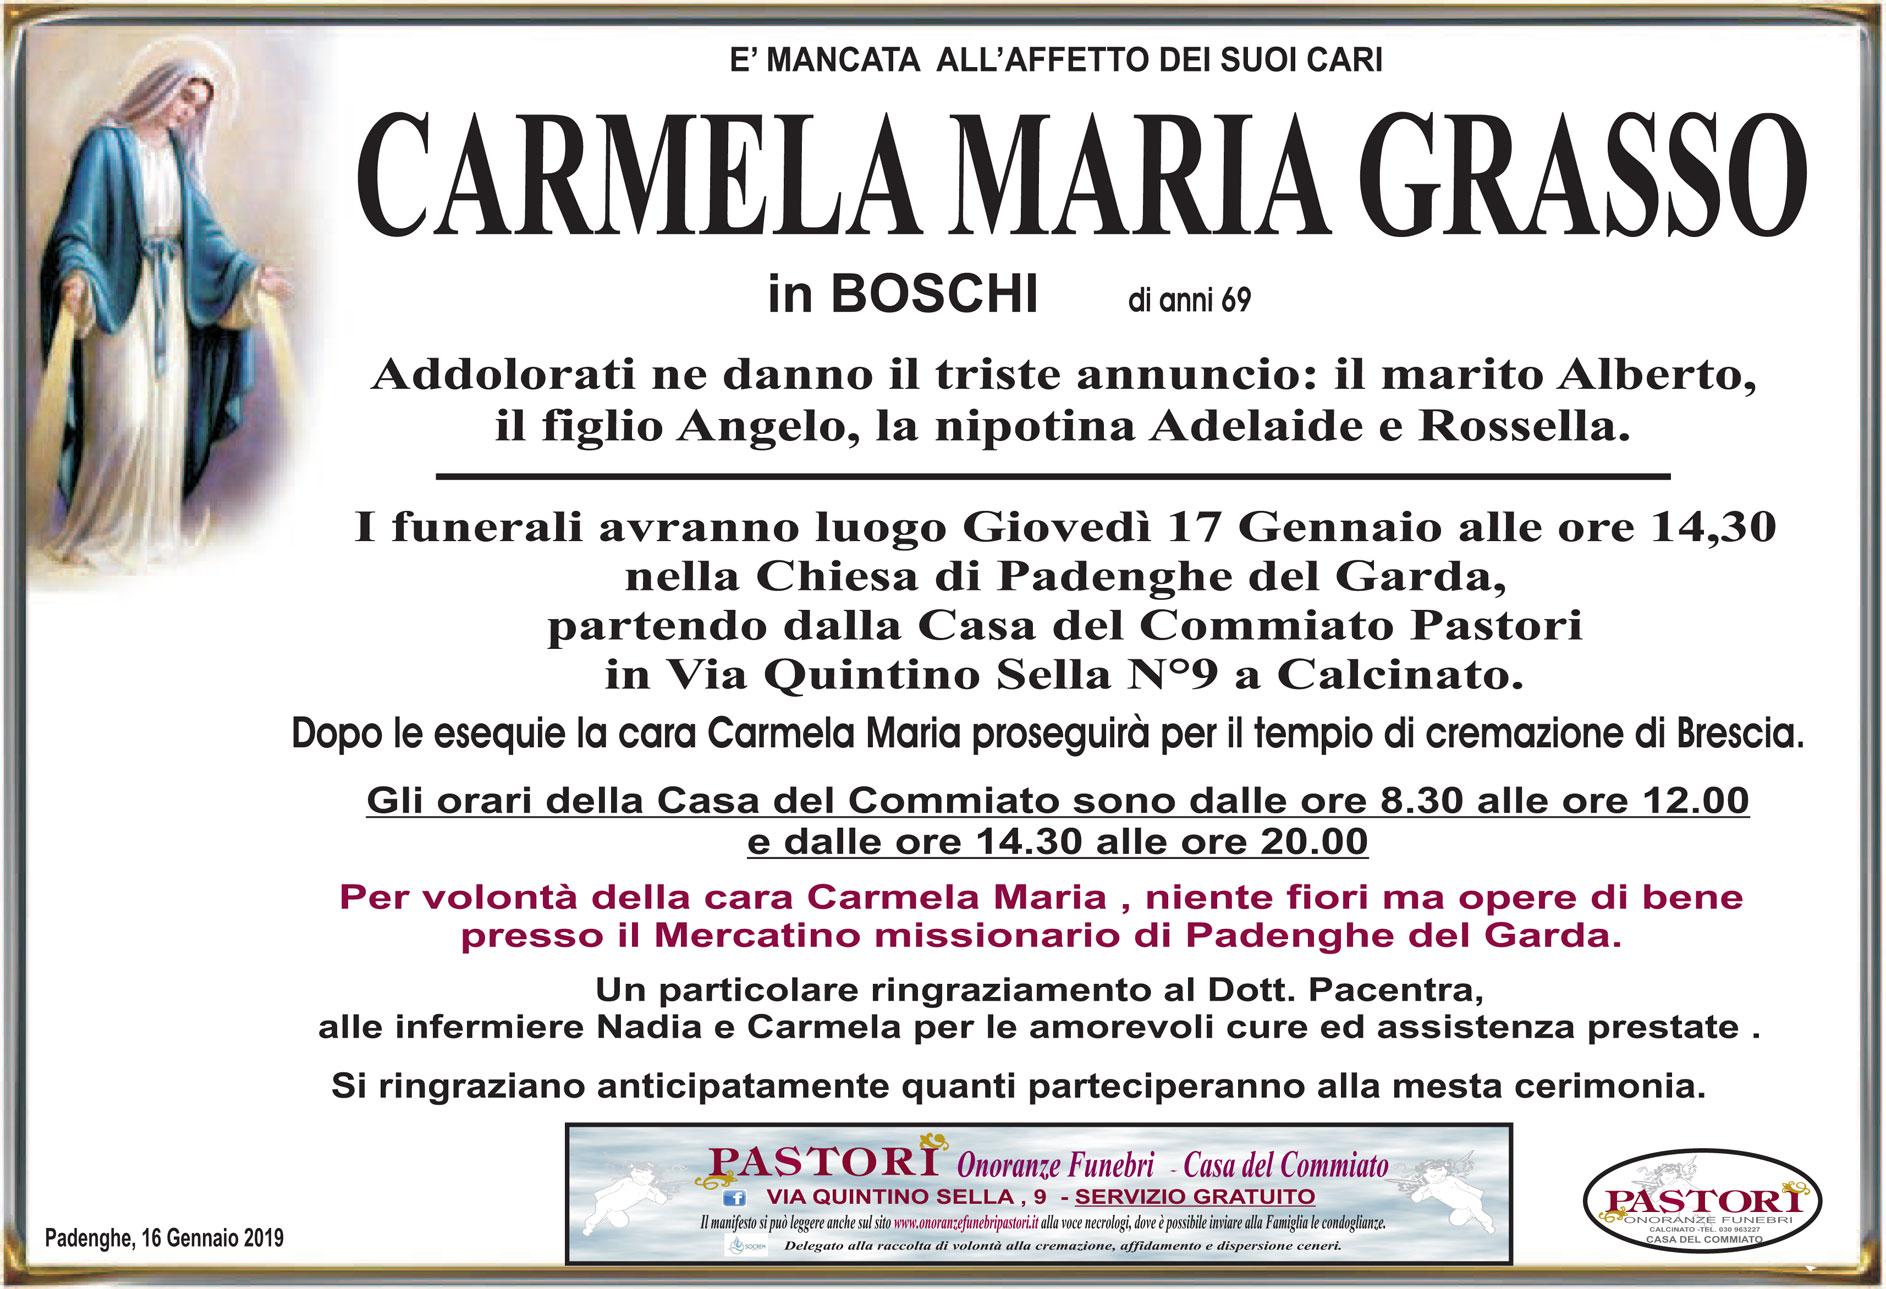 Carmela Maria Grasso